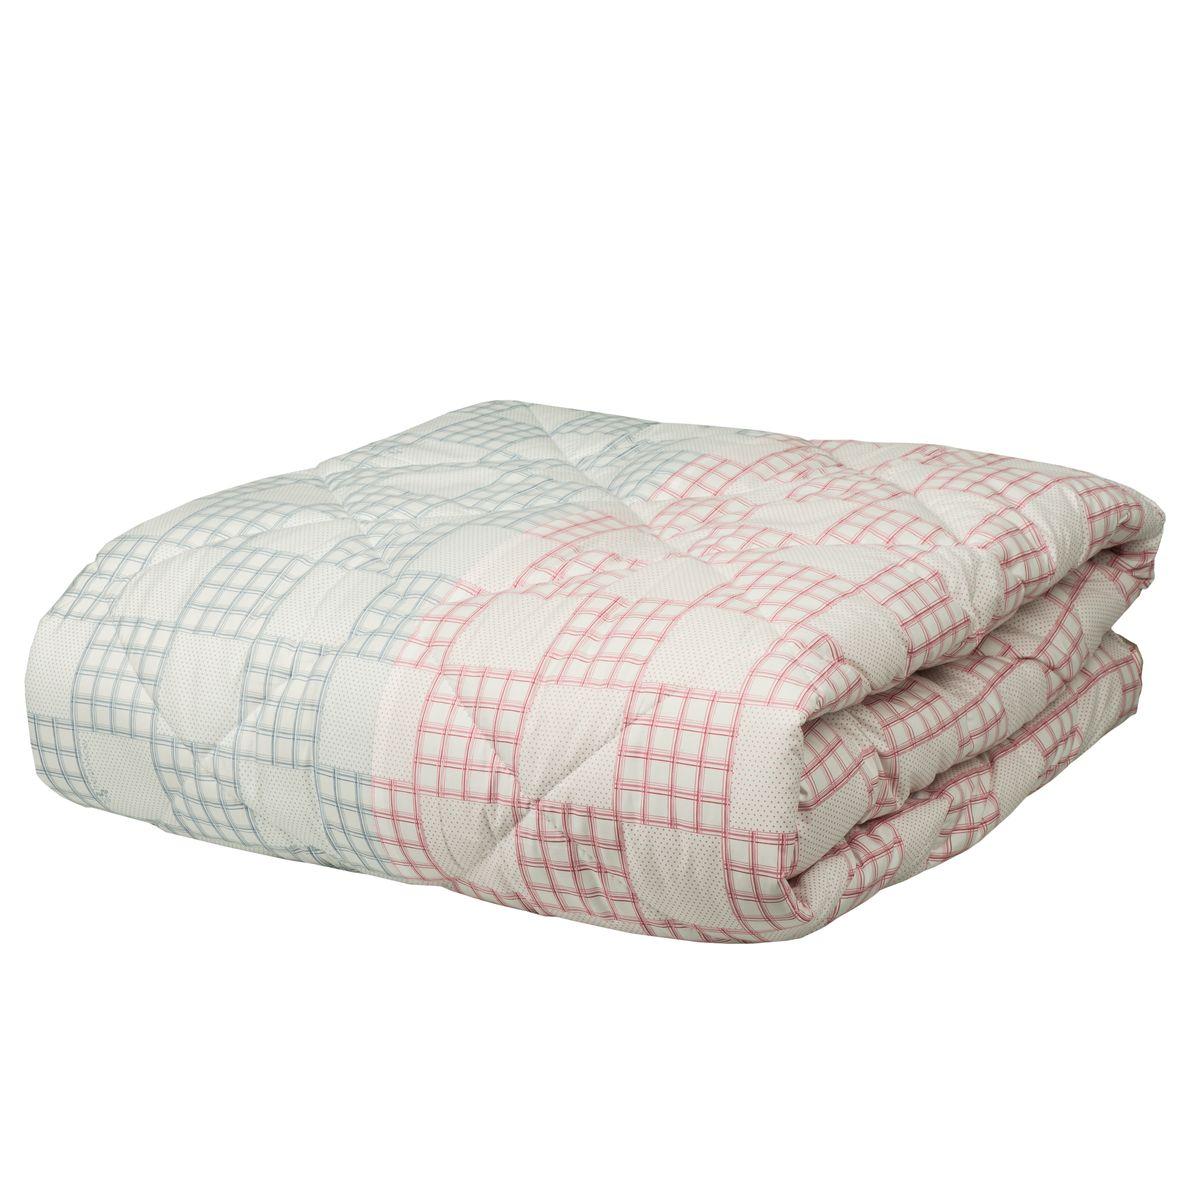 Одеяло Mona Liza Chalet Climat Control, цвет: серый, розовый, 195 х 215 см539939/1Одеяло Mona Liza Chalet Climat Control изготовлено из плотного тика, с отделочным кантом. Одновременно имеет две зоны температурного режима, поскольку наполнитель состоит из двух частей: одна половина изделия более теплая, содержит волокна натуральной шерсти, а вторая половина одеяла прохладная - так как наполнена натуральными растительными волокнами. Такое одеяло сделает спальное место уютным и подарит ощущение комфорта.